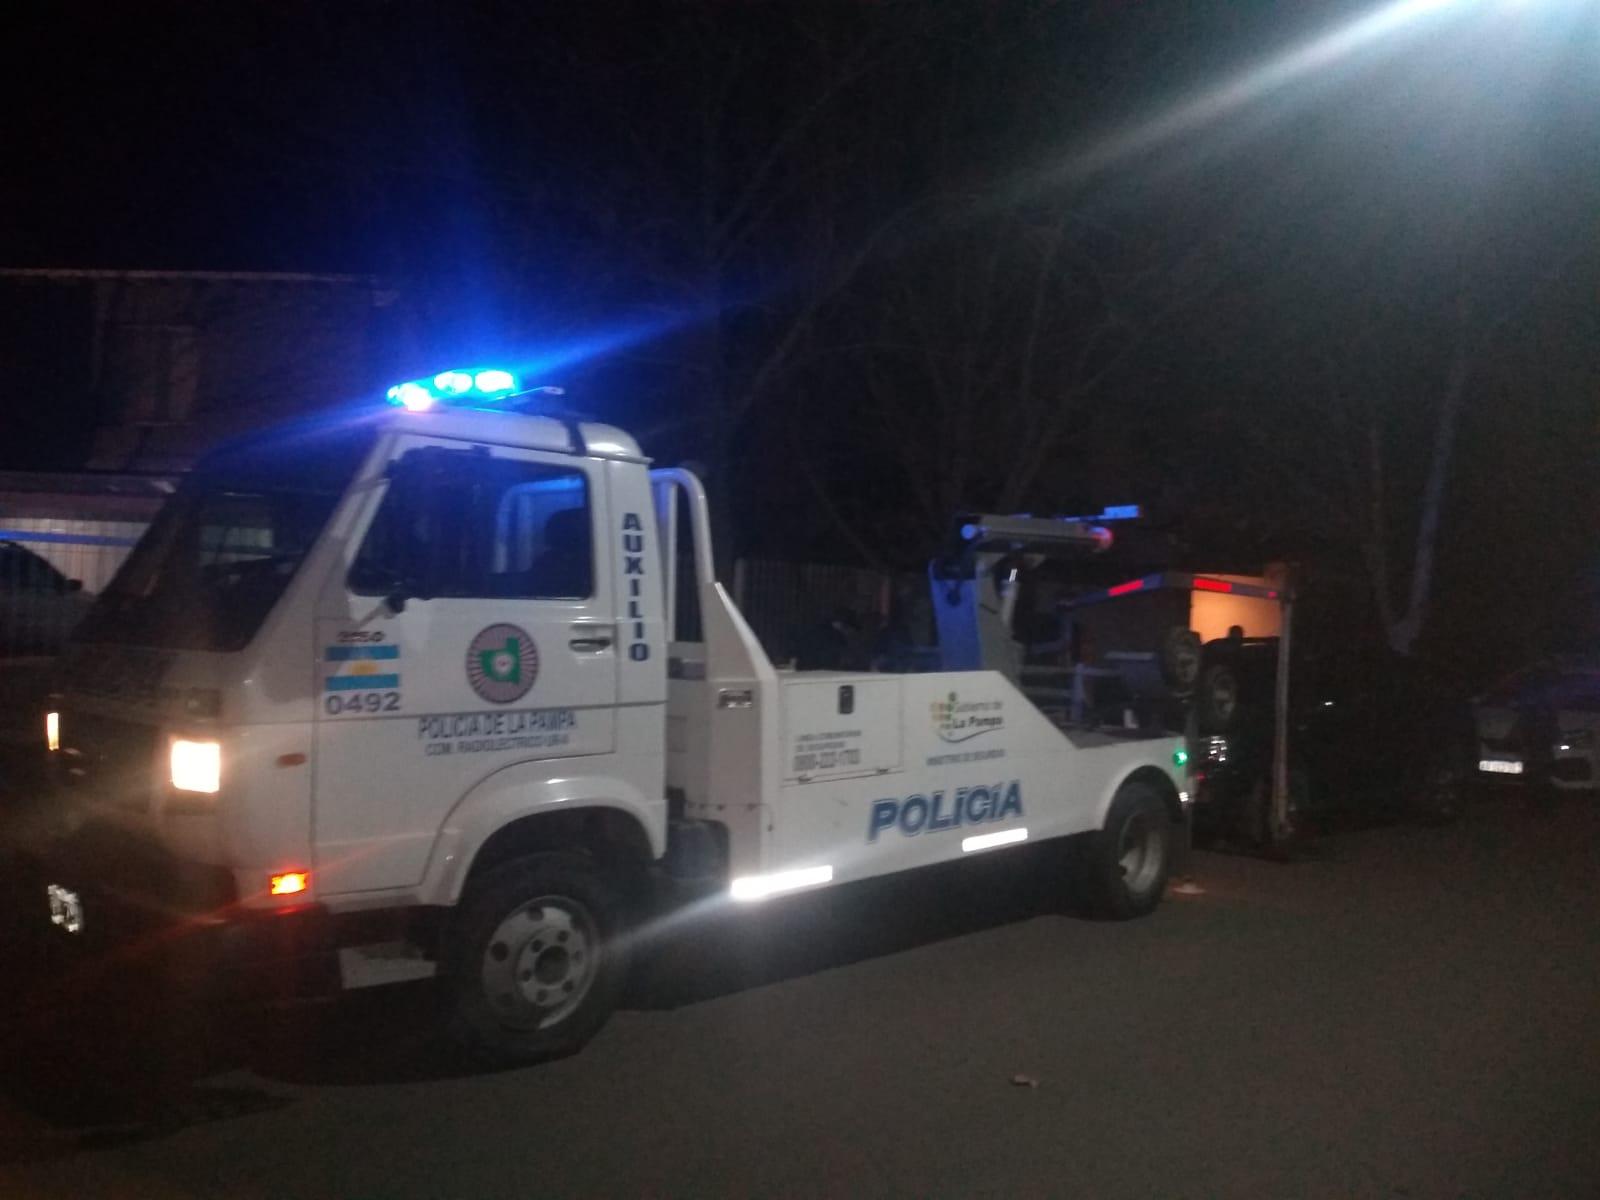 La Policía desbarató dos fiestas clandestinas, notificó a 47 personas y secuestró tres vehículos